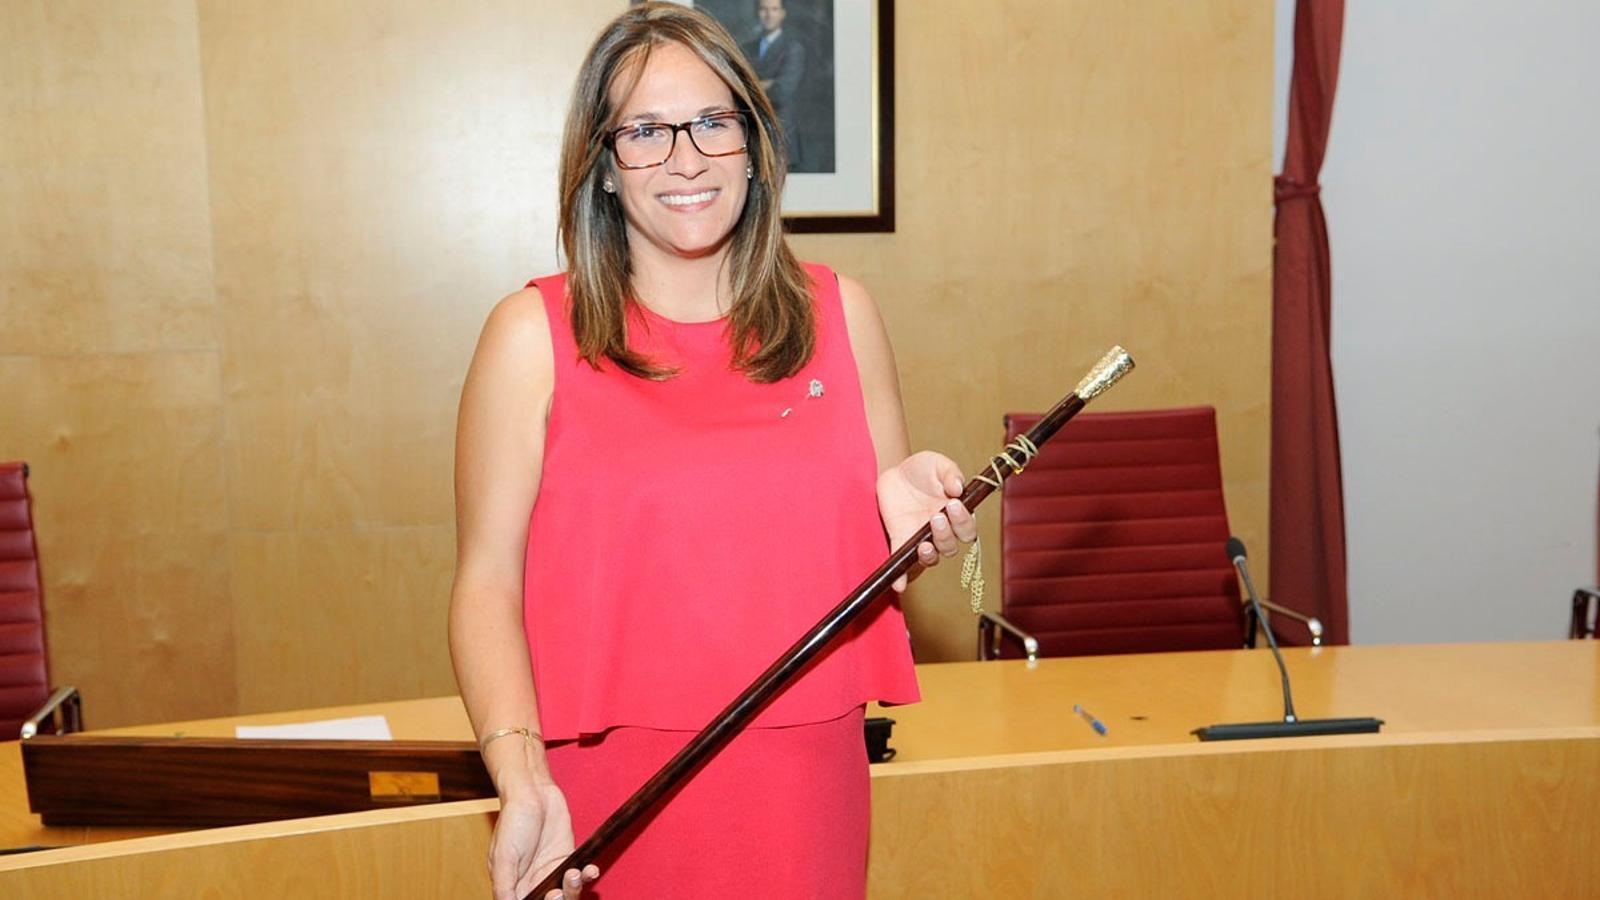 És la decisió més important anunciada per a Susana Mora d'ençà que assumí la presidència.